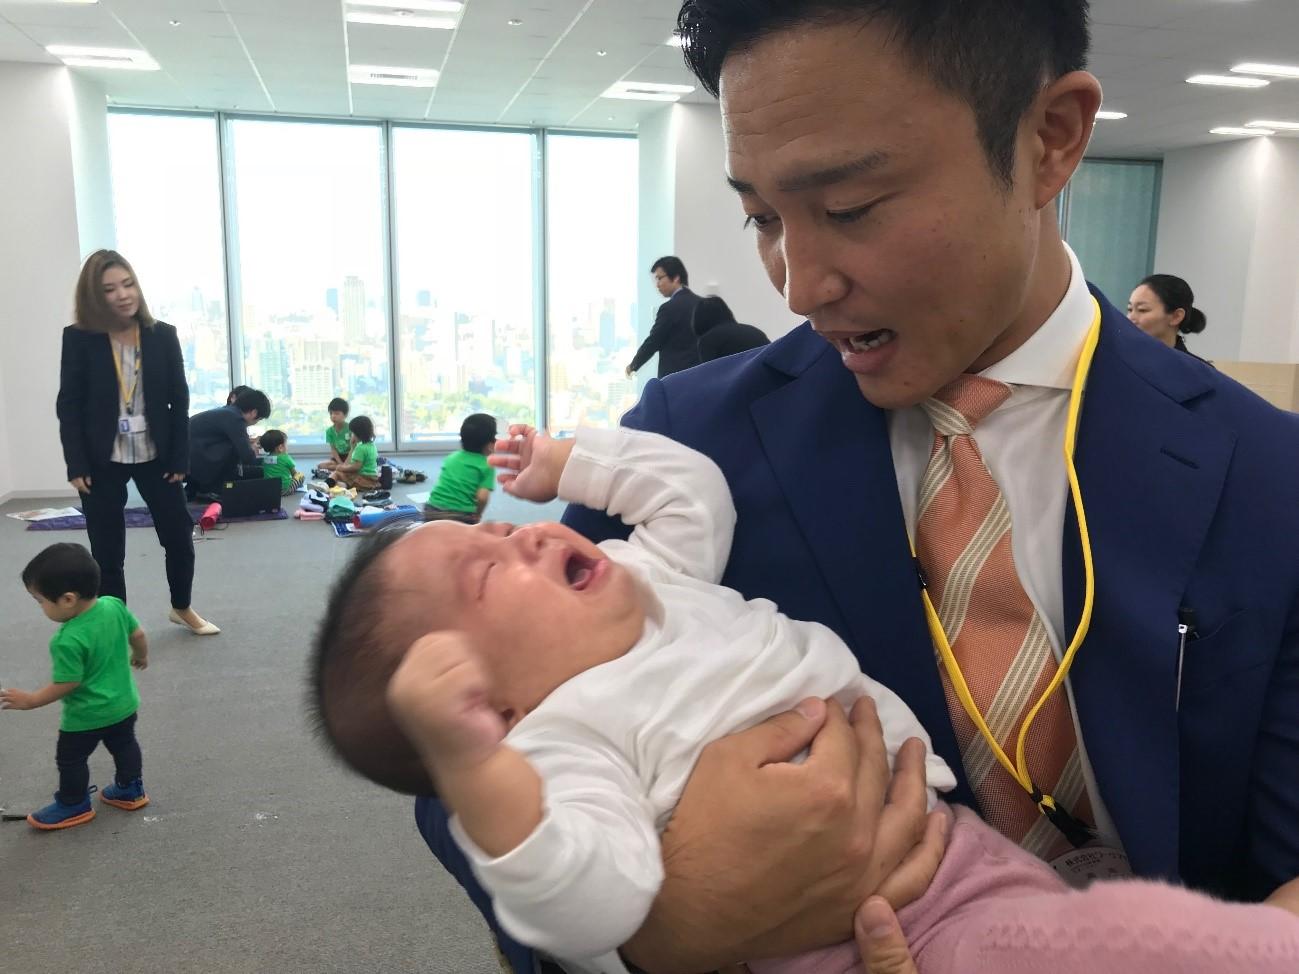 赤ちゃんを抱くスーツの男性